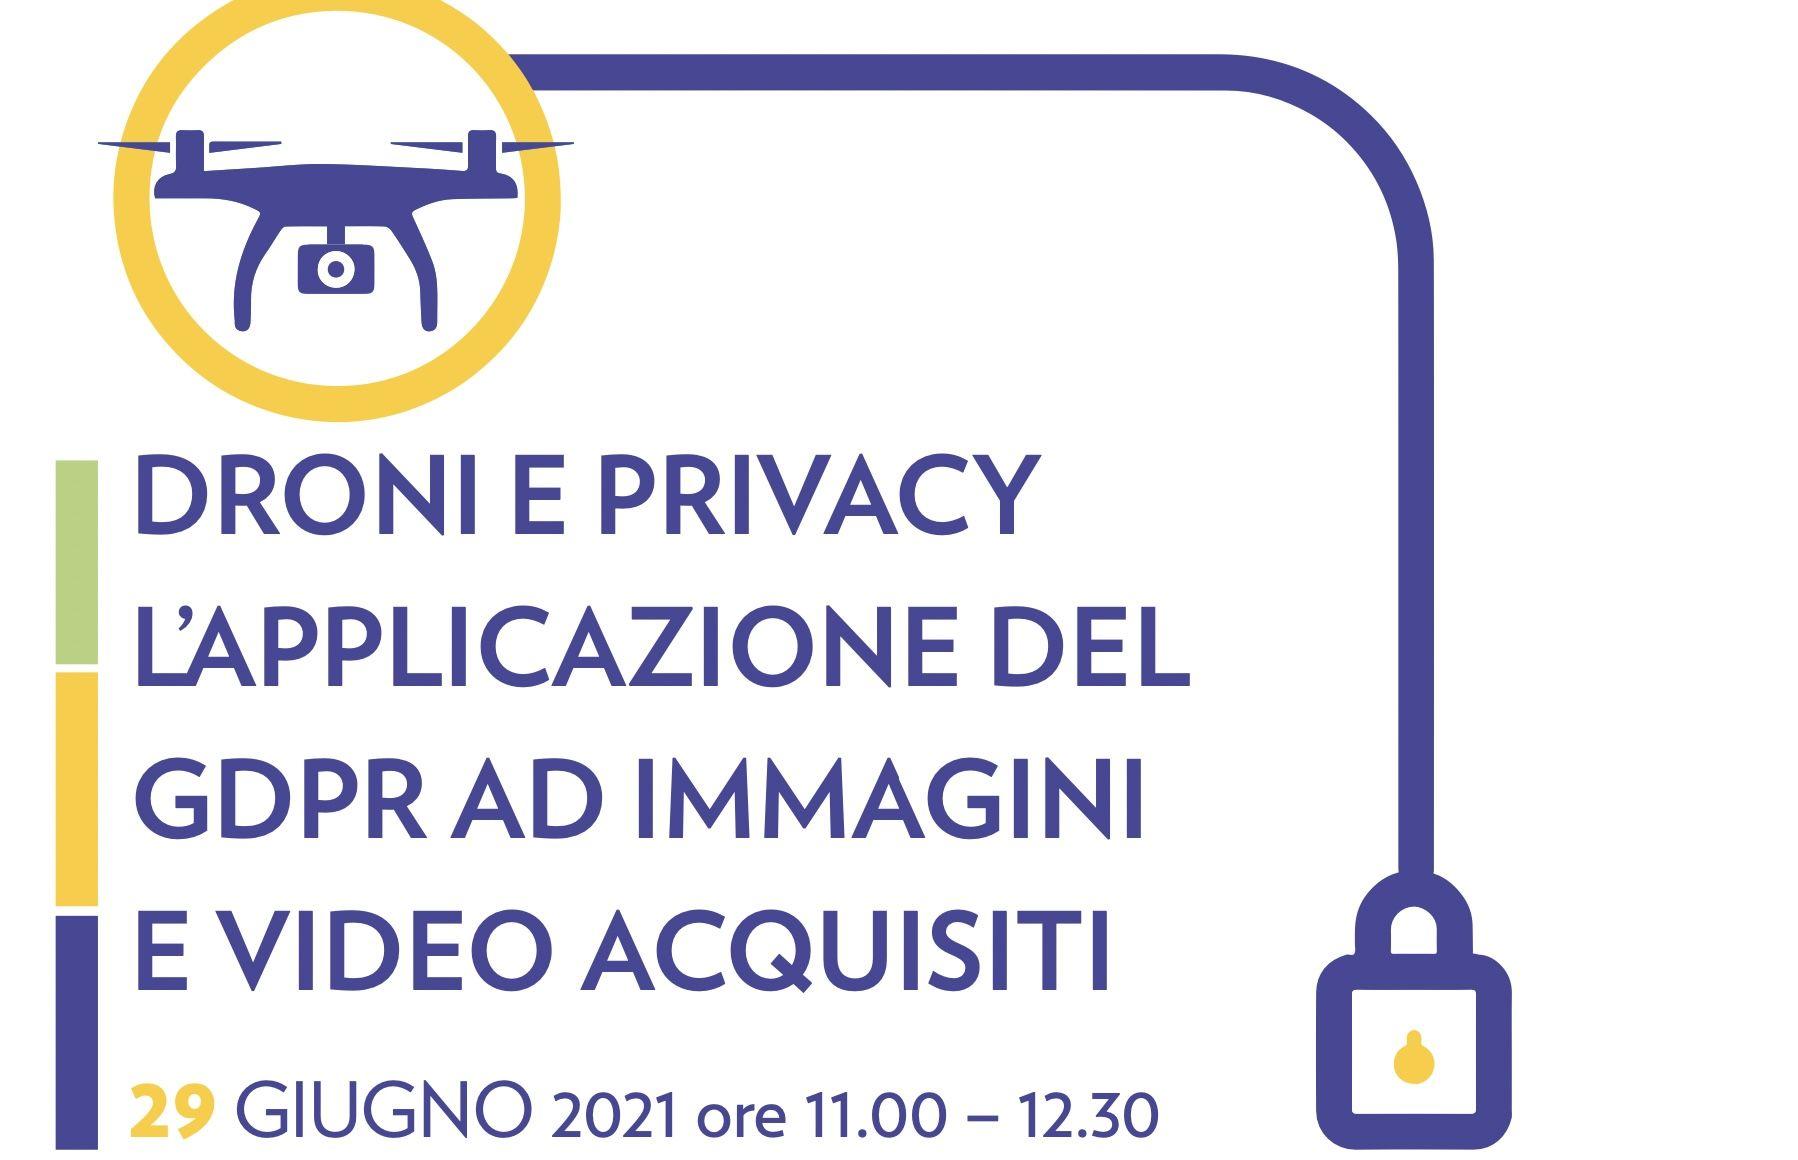 Droni e Privacy: webinar gratuito sulle applicazioni del GDPR per le immagini acquisite dai droni